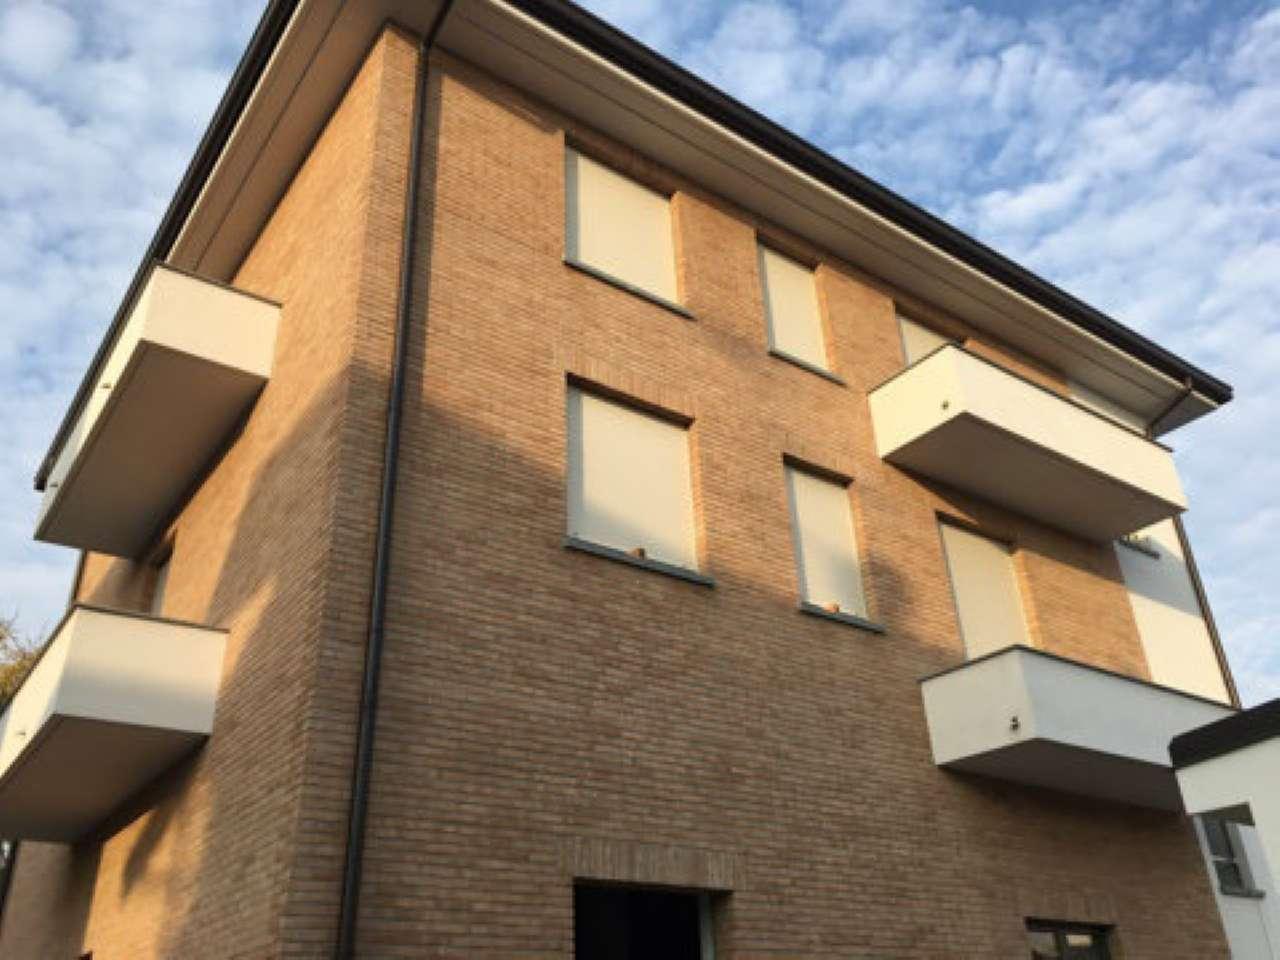 Appartamento in vendita a Lissone, 9999 locali, prezzo € 210.000 | PortaleAgenzieImmobiliari.it